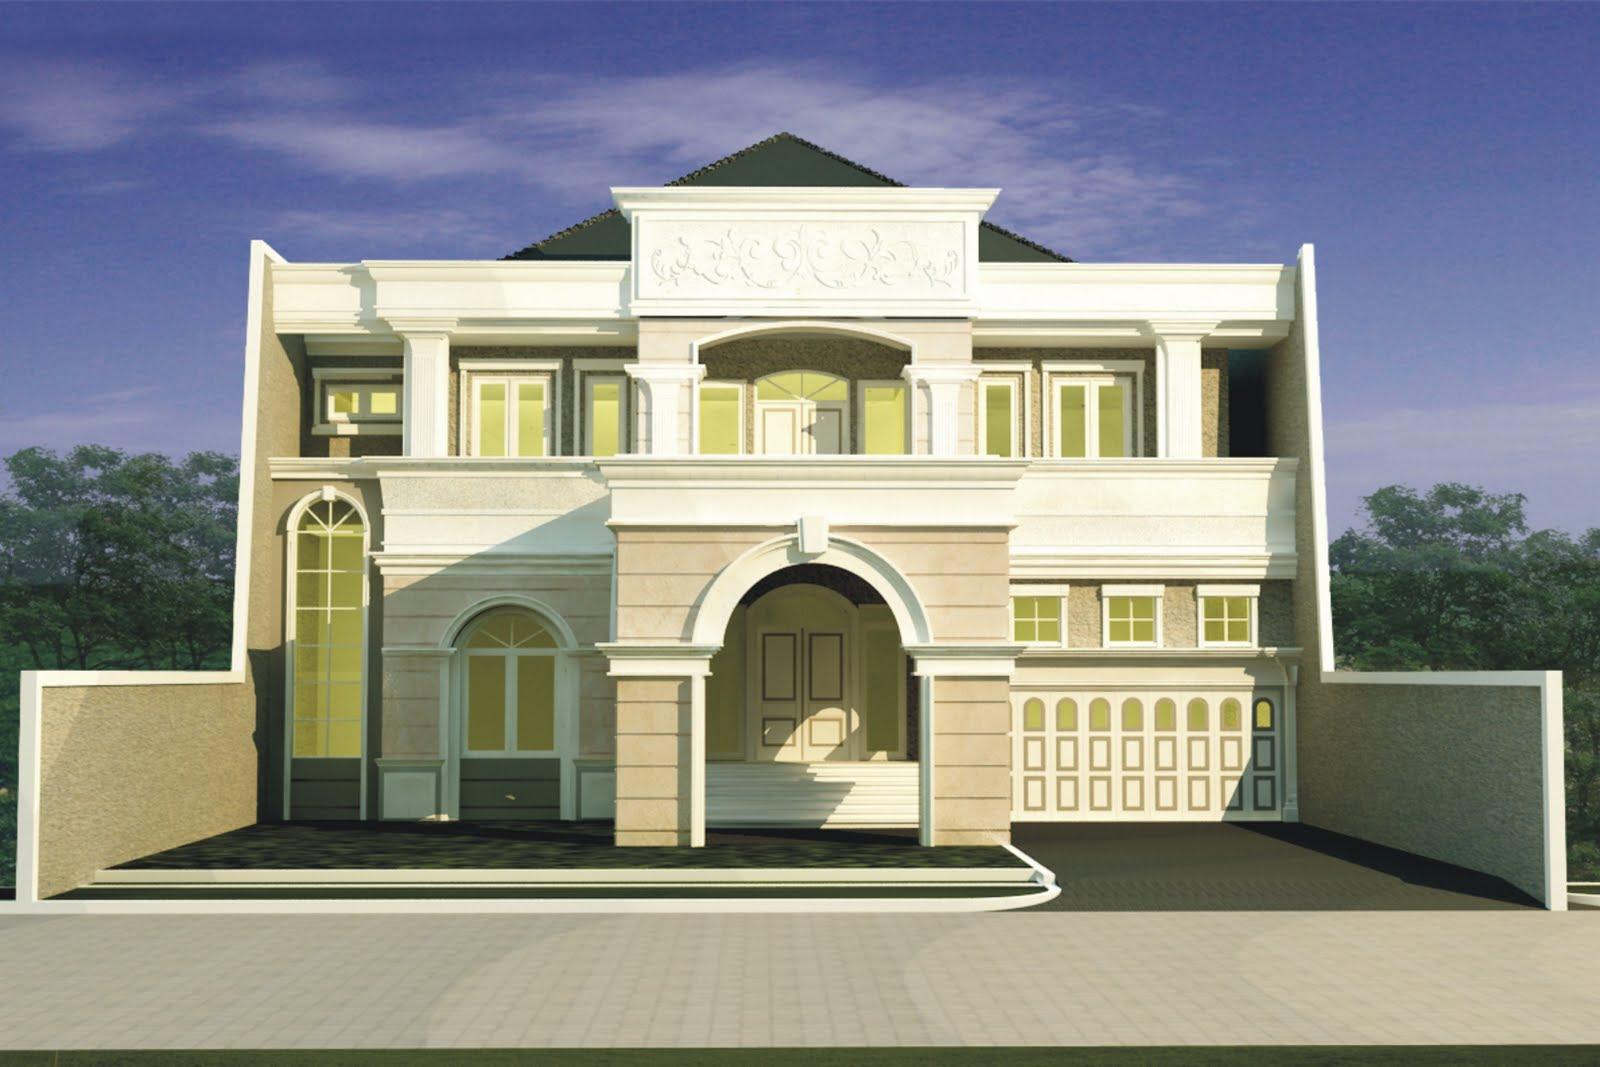 Rumah Minimalis Modern Klasik Hunian Damai Dan Tenang Rumahmurahid